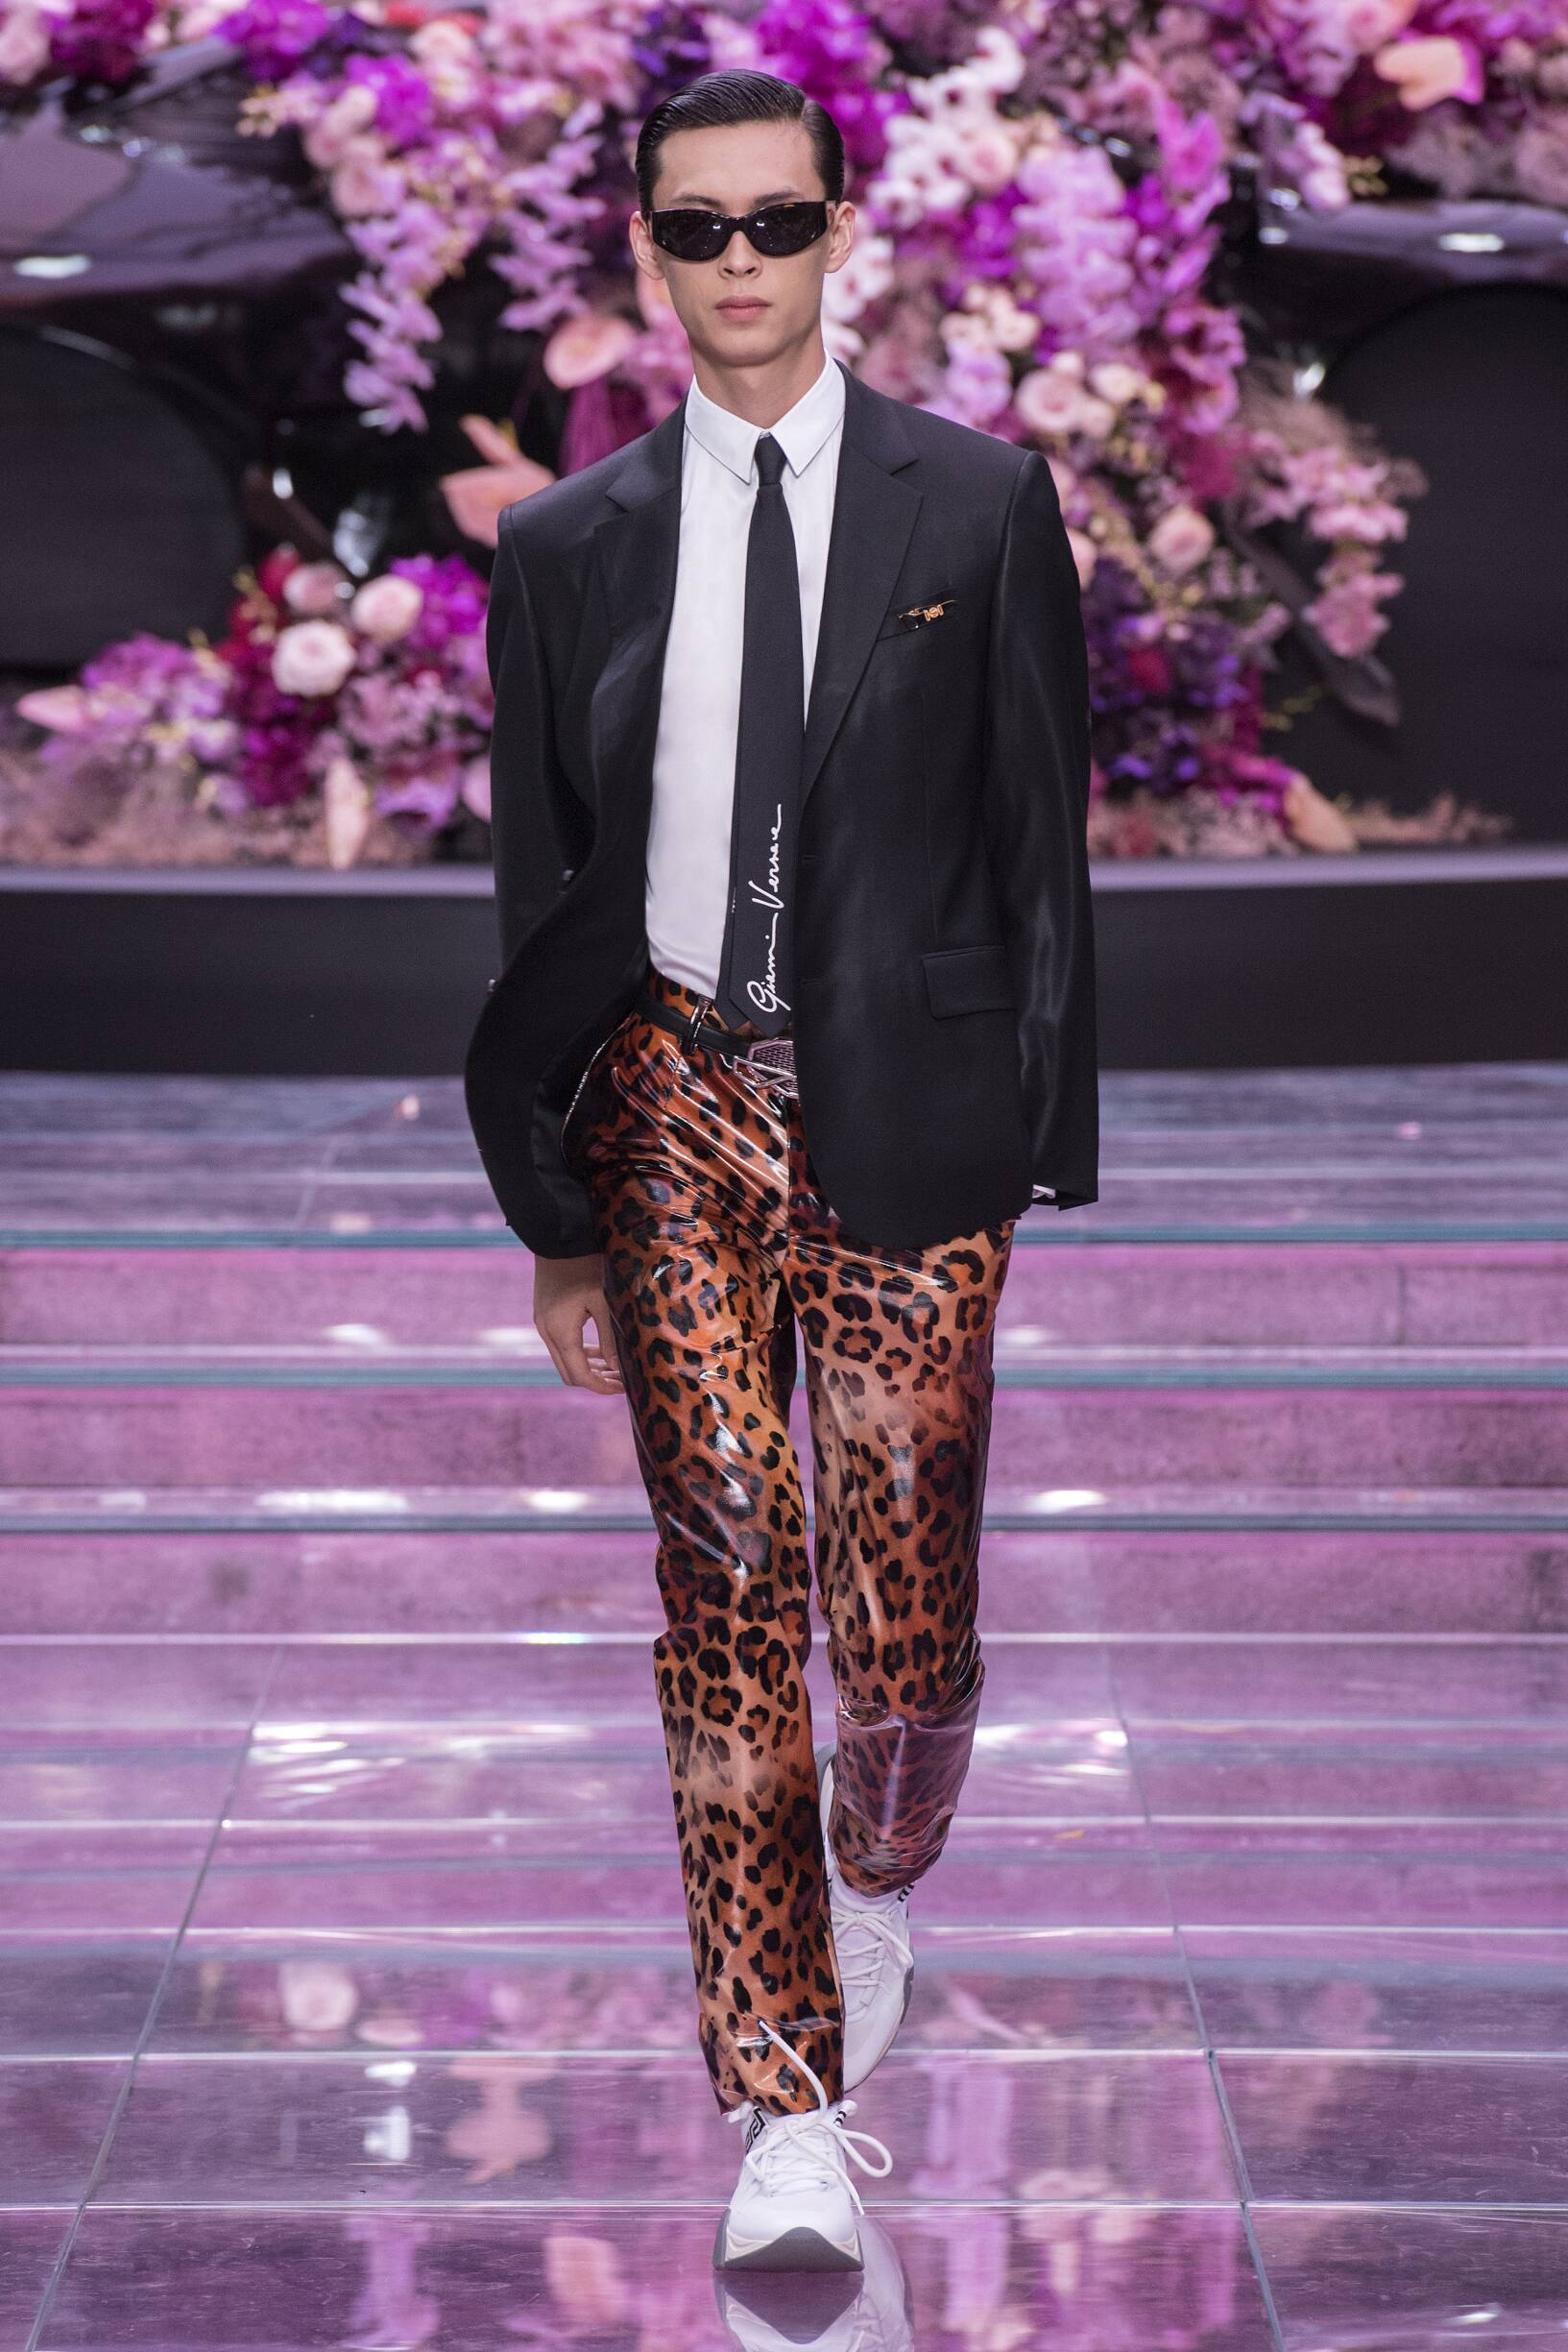 Versace Summer 2020 Catwalk